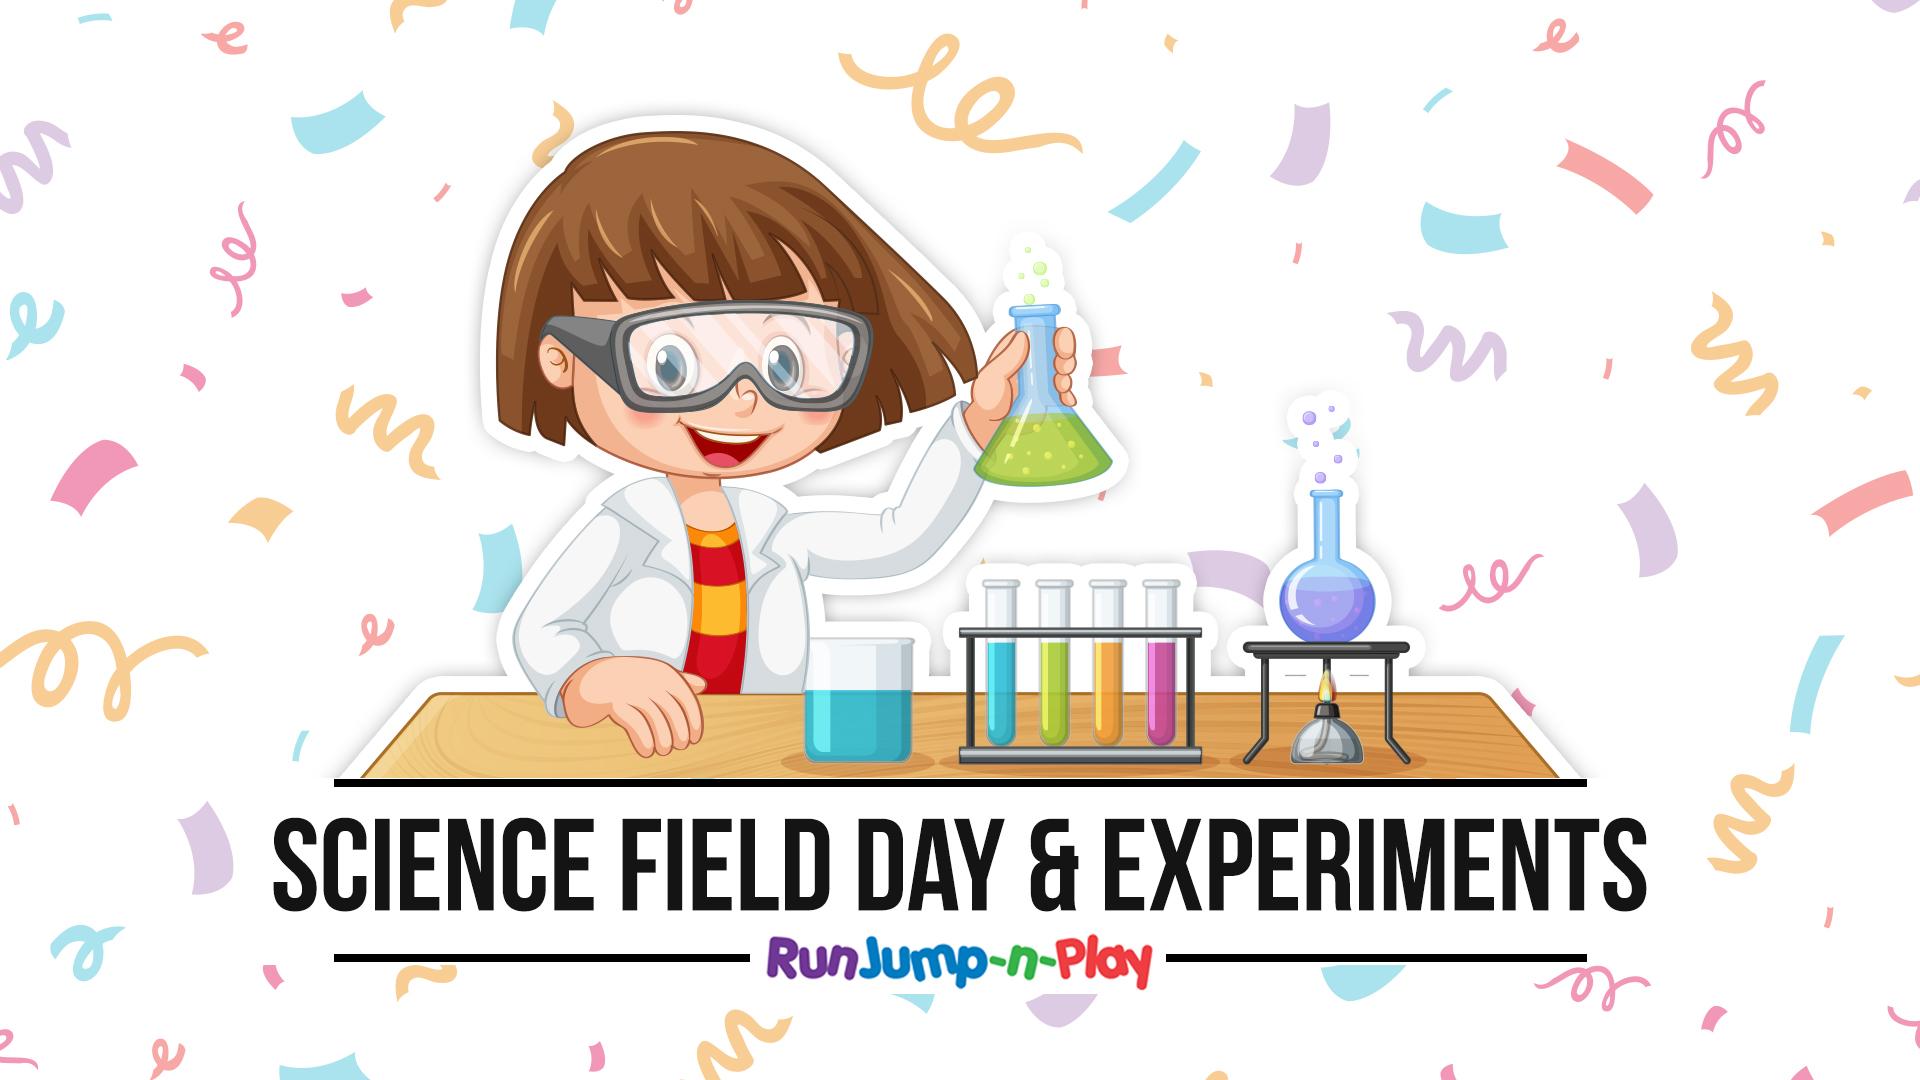 Science day at Run Jump-n-Play - 2019